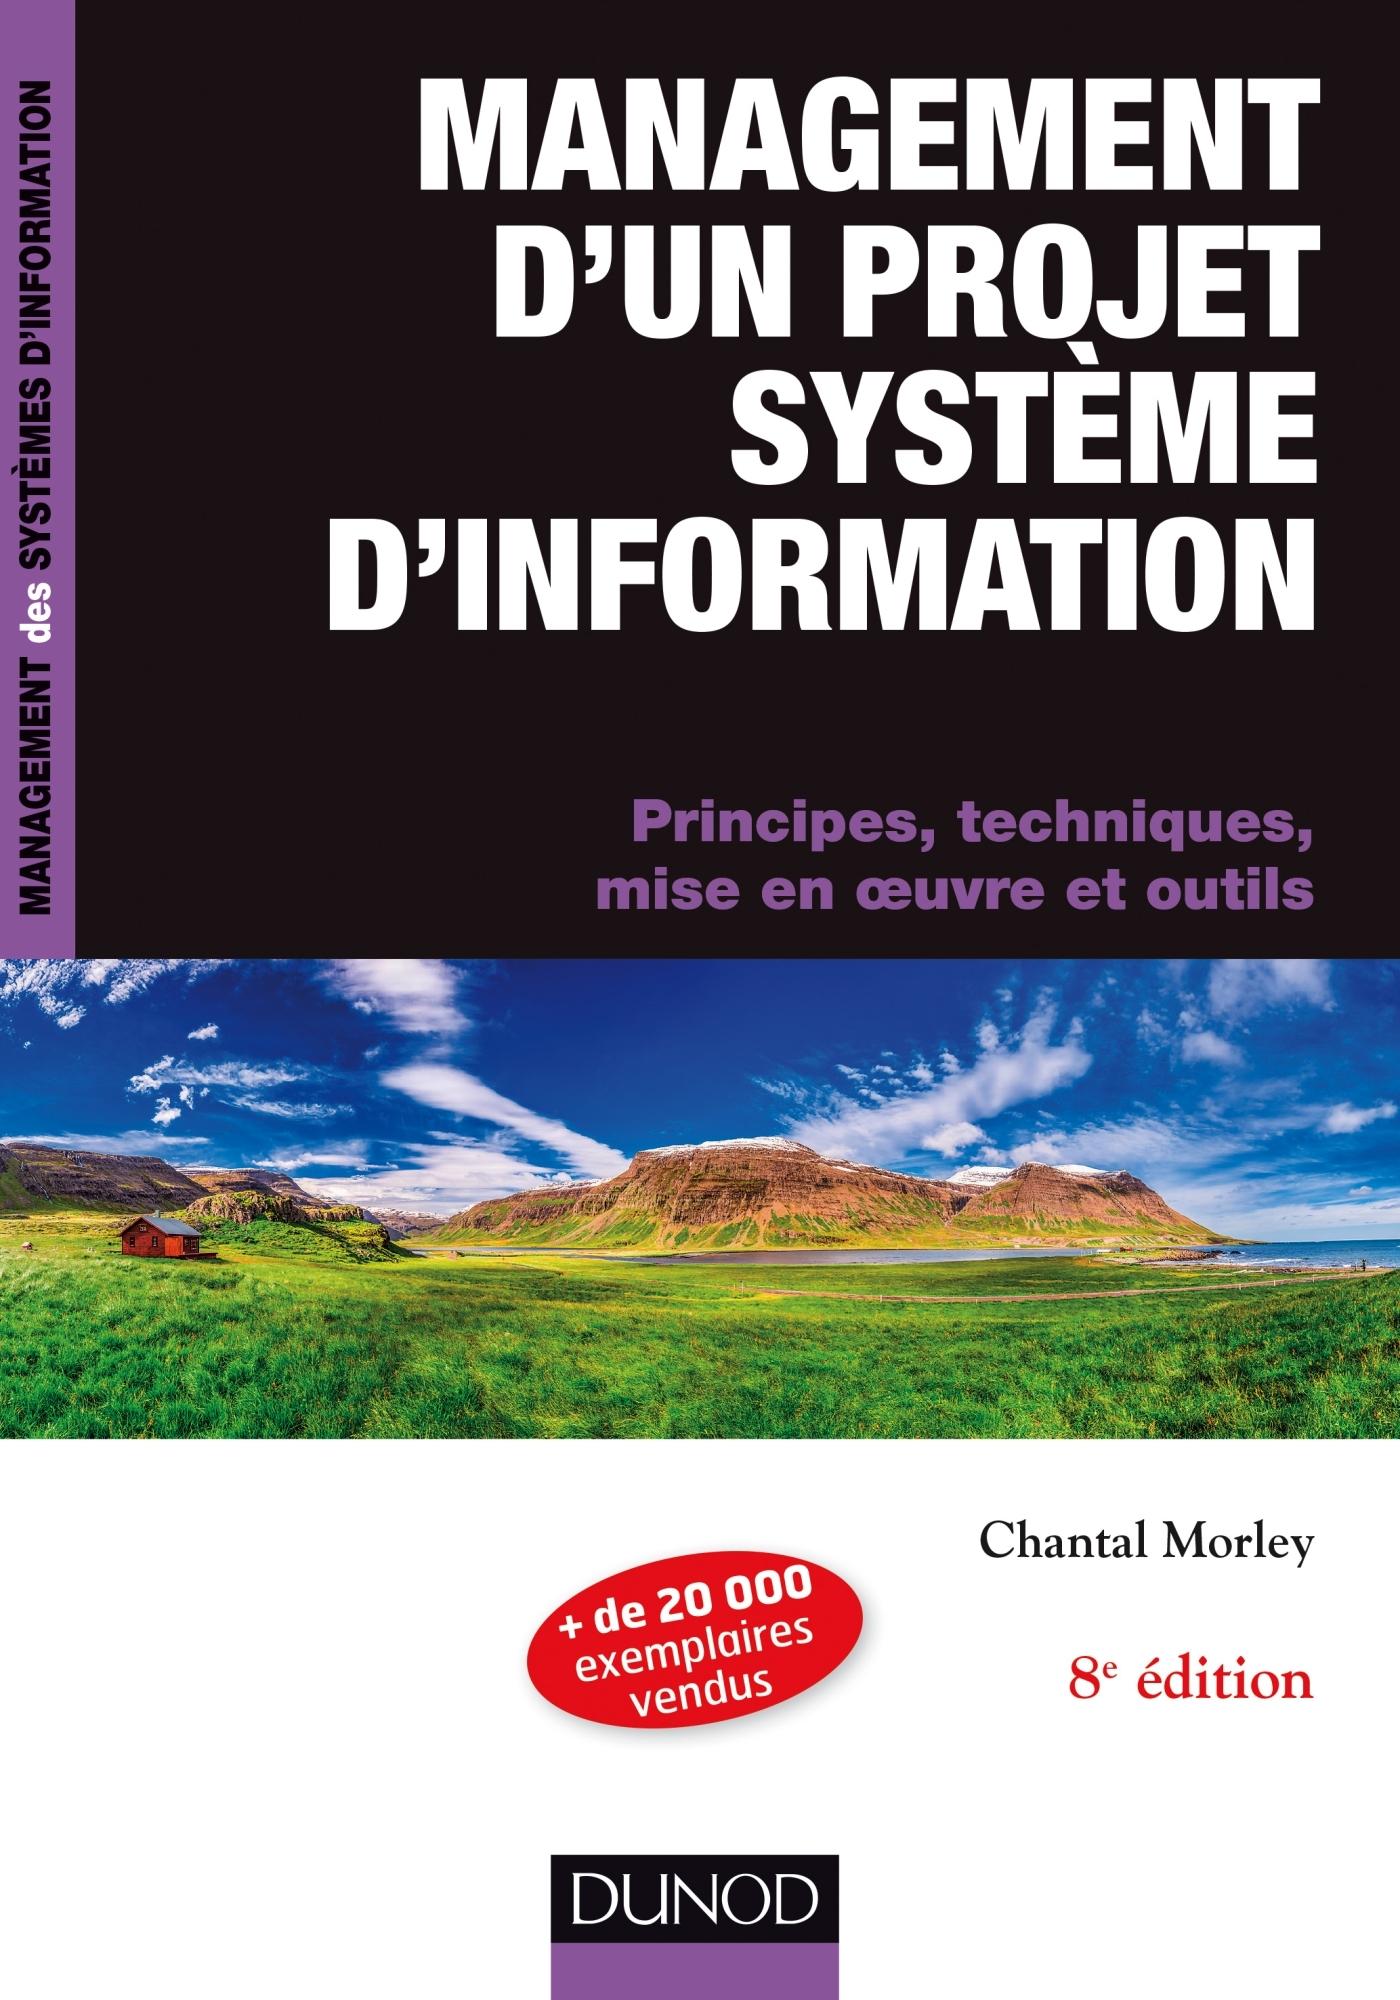 Management D Un Projet Systeme D Information Principes Techniques Mise En Oeuvre Et Outils Livre Et Ebook Systemes D Exploitation De Chantal Morley Dunod